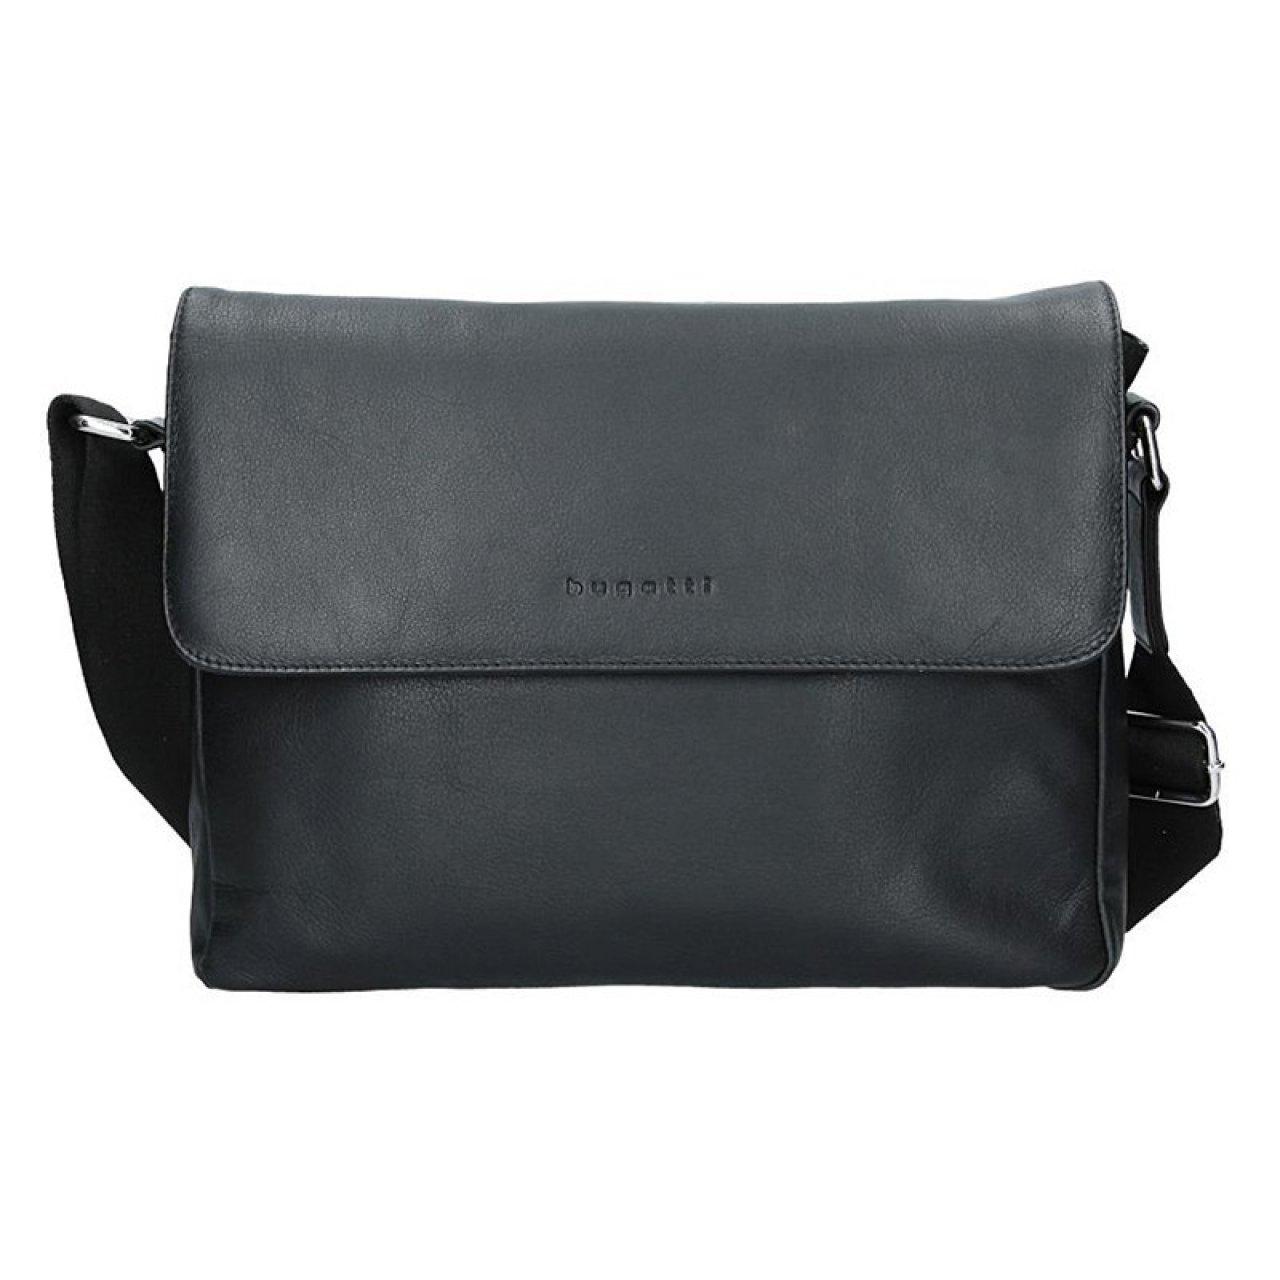 c92e87ebb0 Pánská kožená taška přes rameno Bugatti Olav - černá